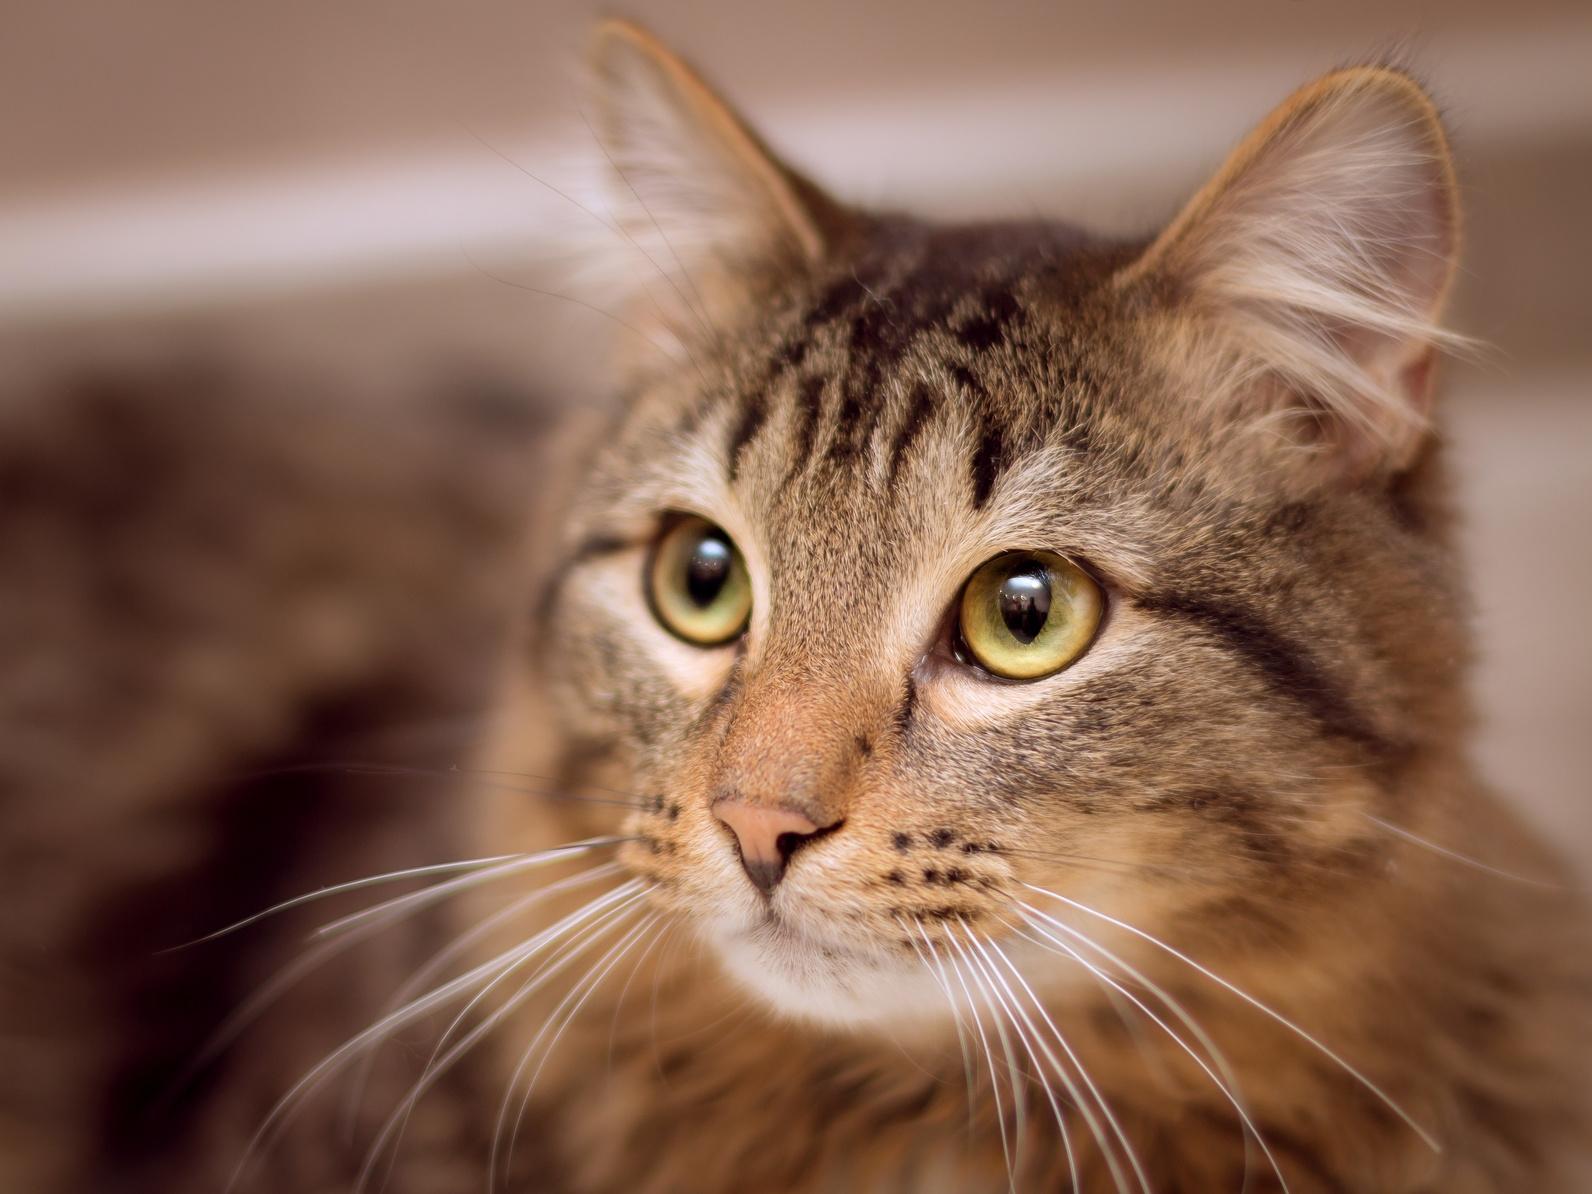 Und mit kopf katze augen wackelt Warum wackelt